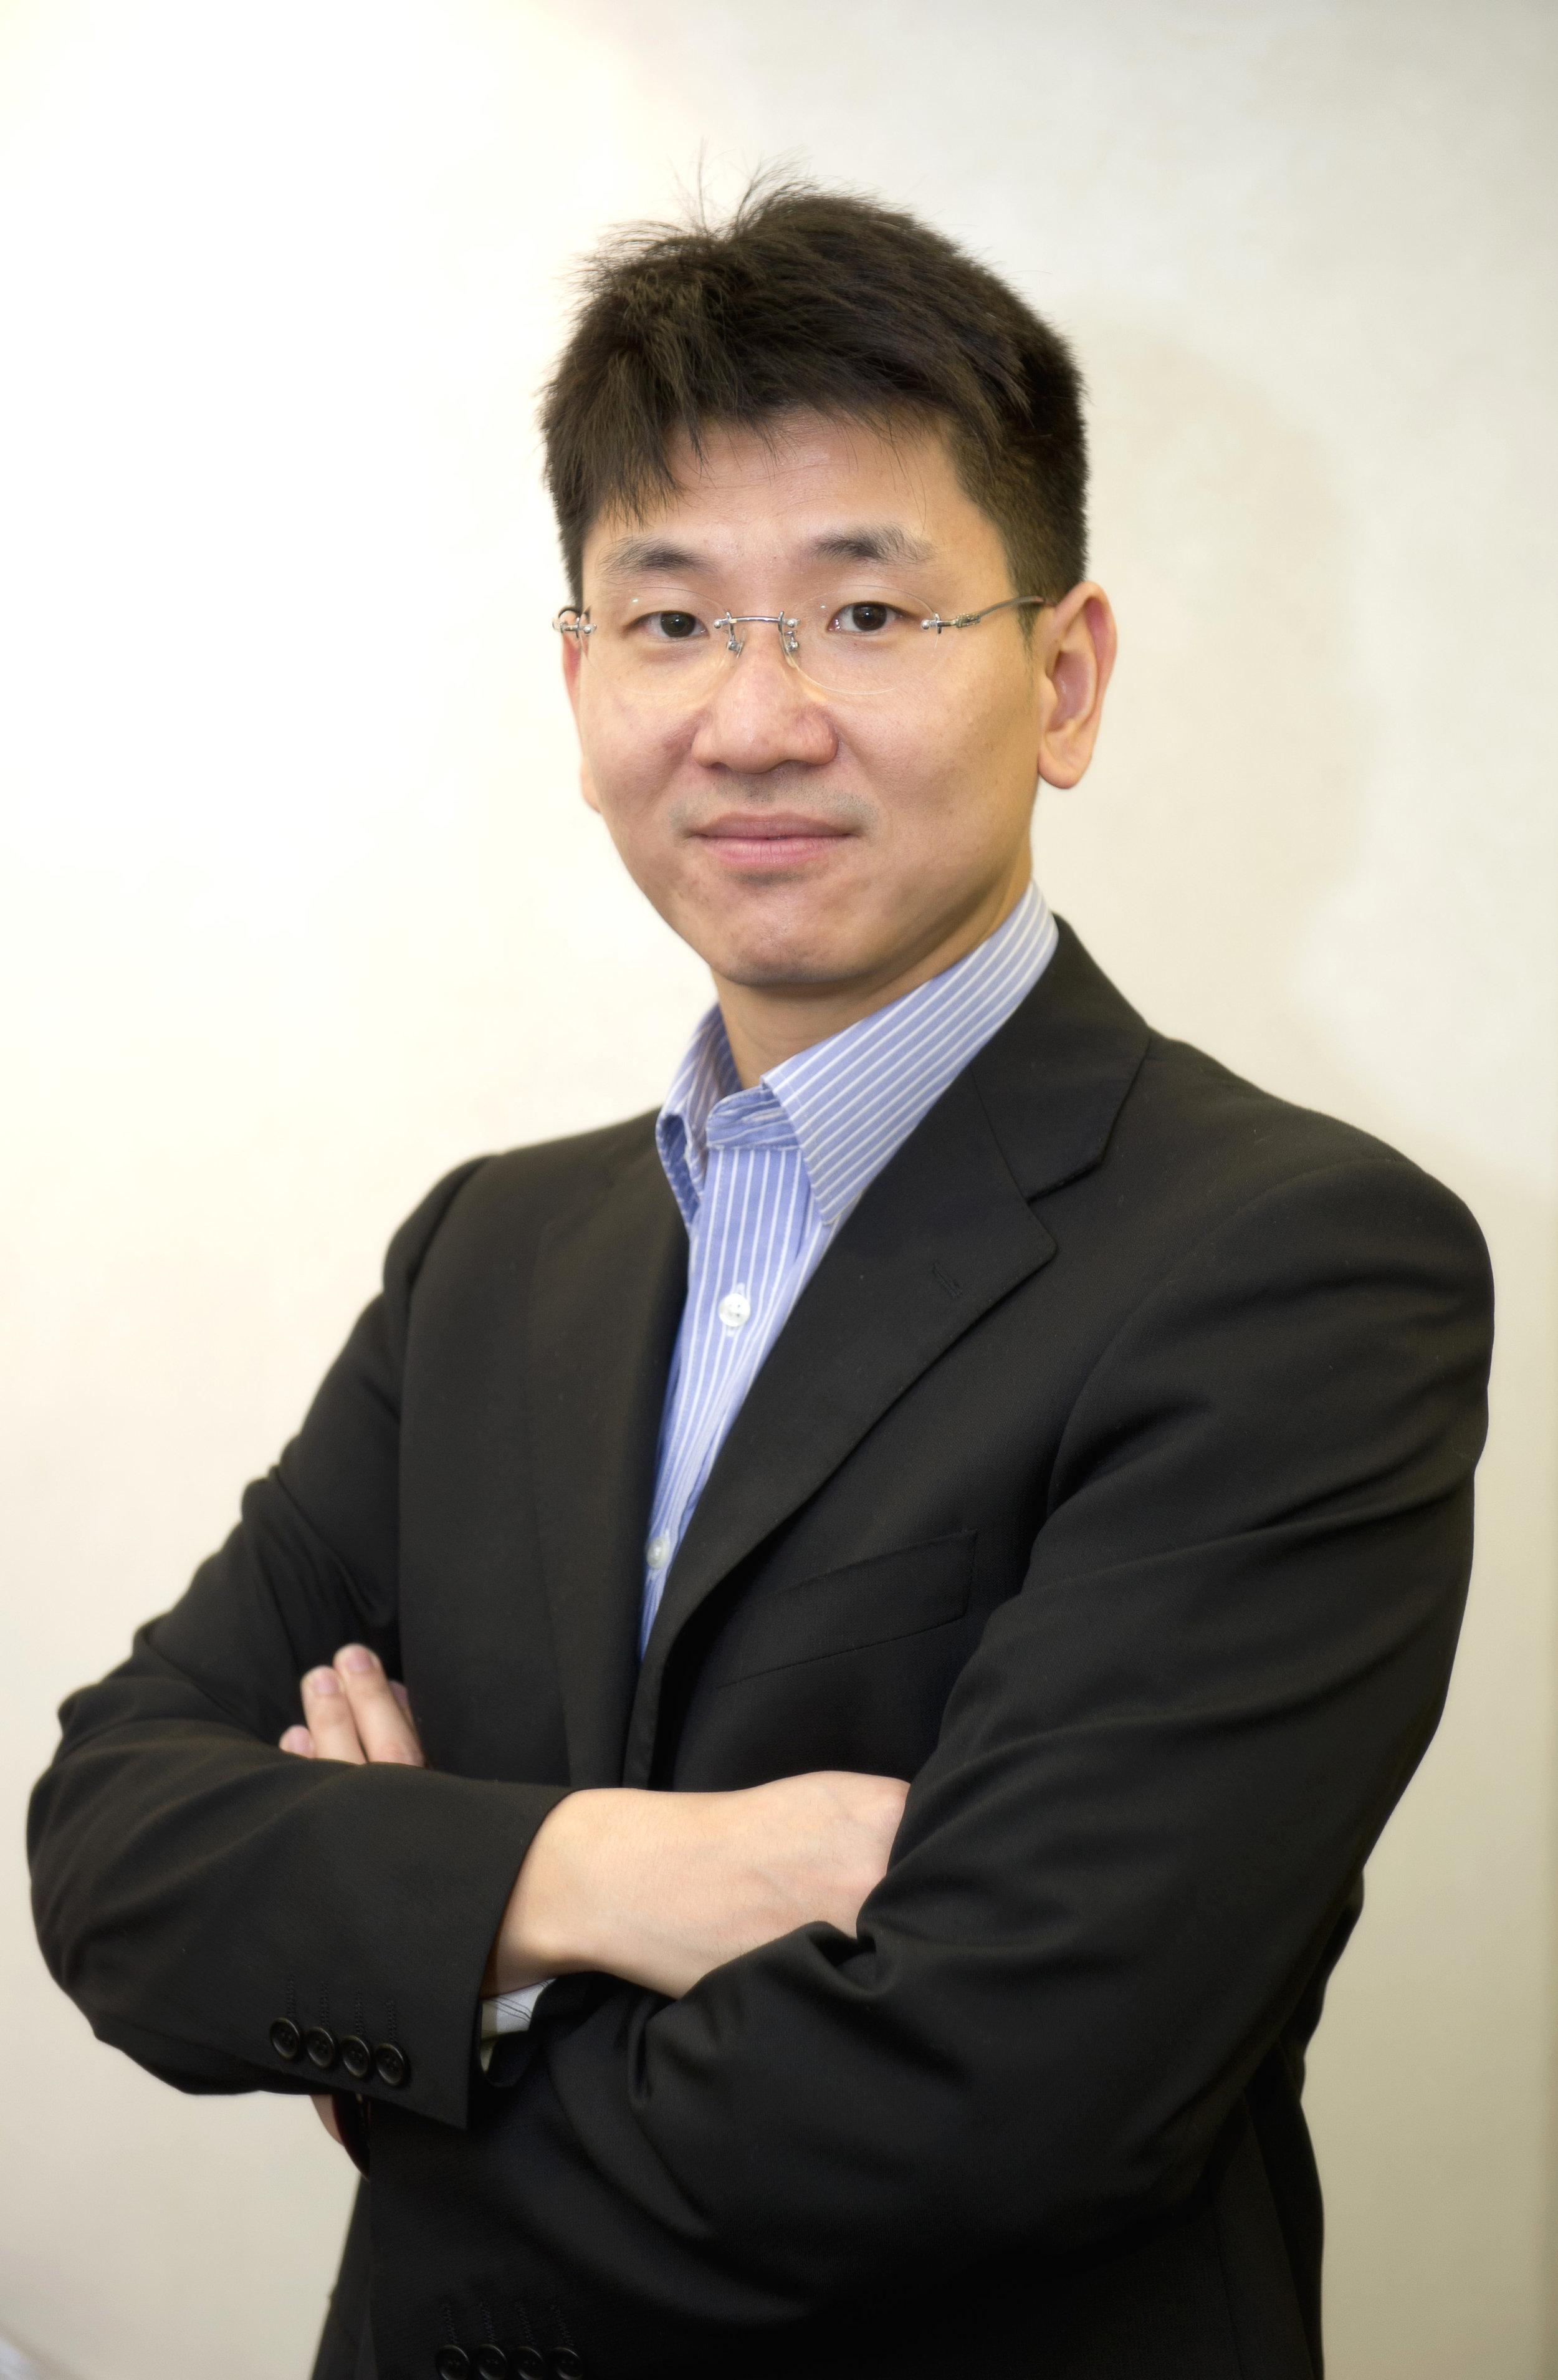 Calvin Ng - Operative biopsy and localisation